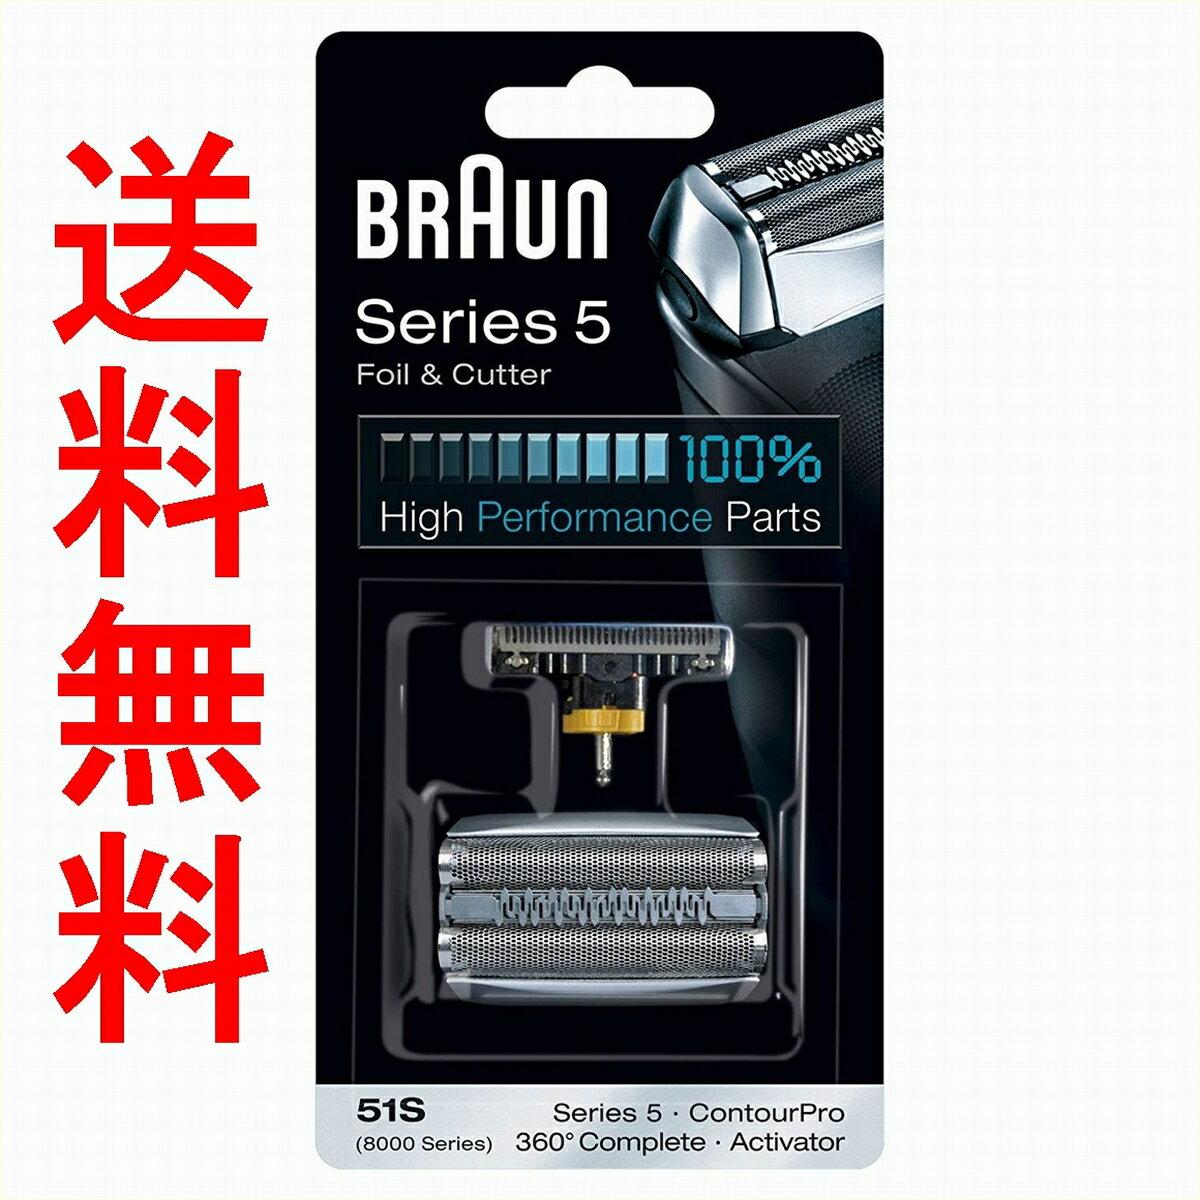 ブラウン 替刃 シリーズ5 51S(F/C51S-4) 8000シリーズ対応 網刃・内刃コンビパック 並行輸入品 コンビニ決済、後払い決済不可